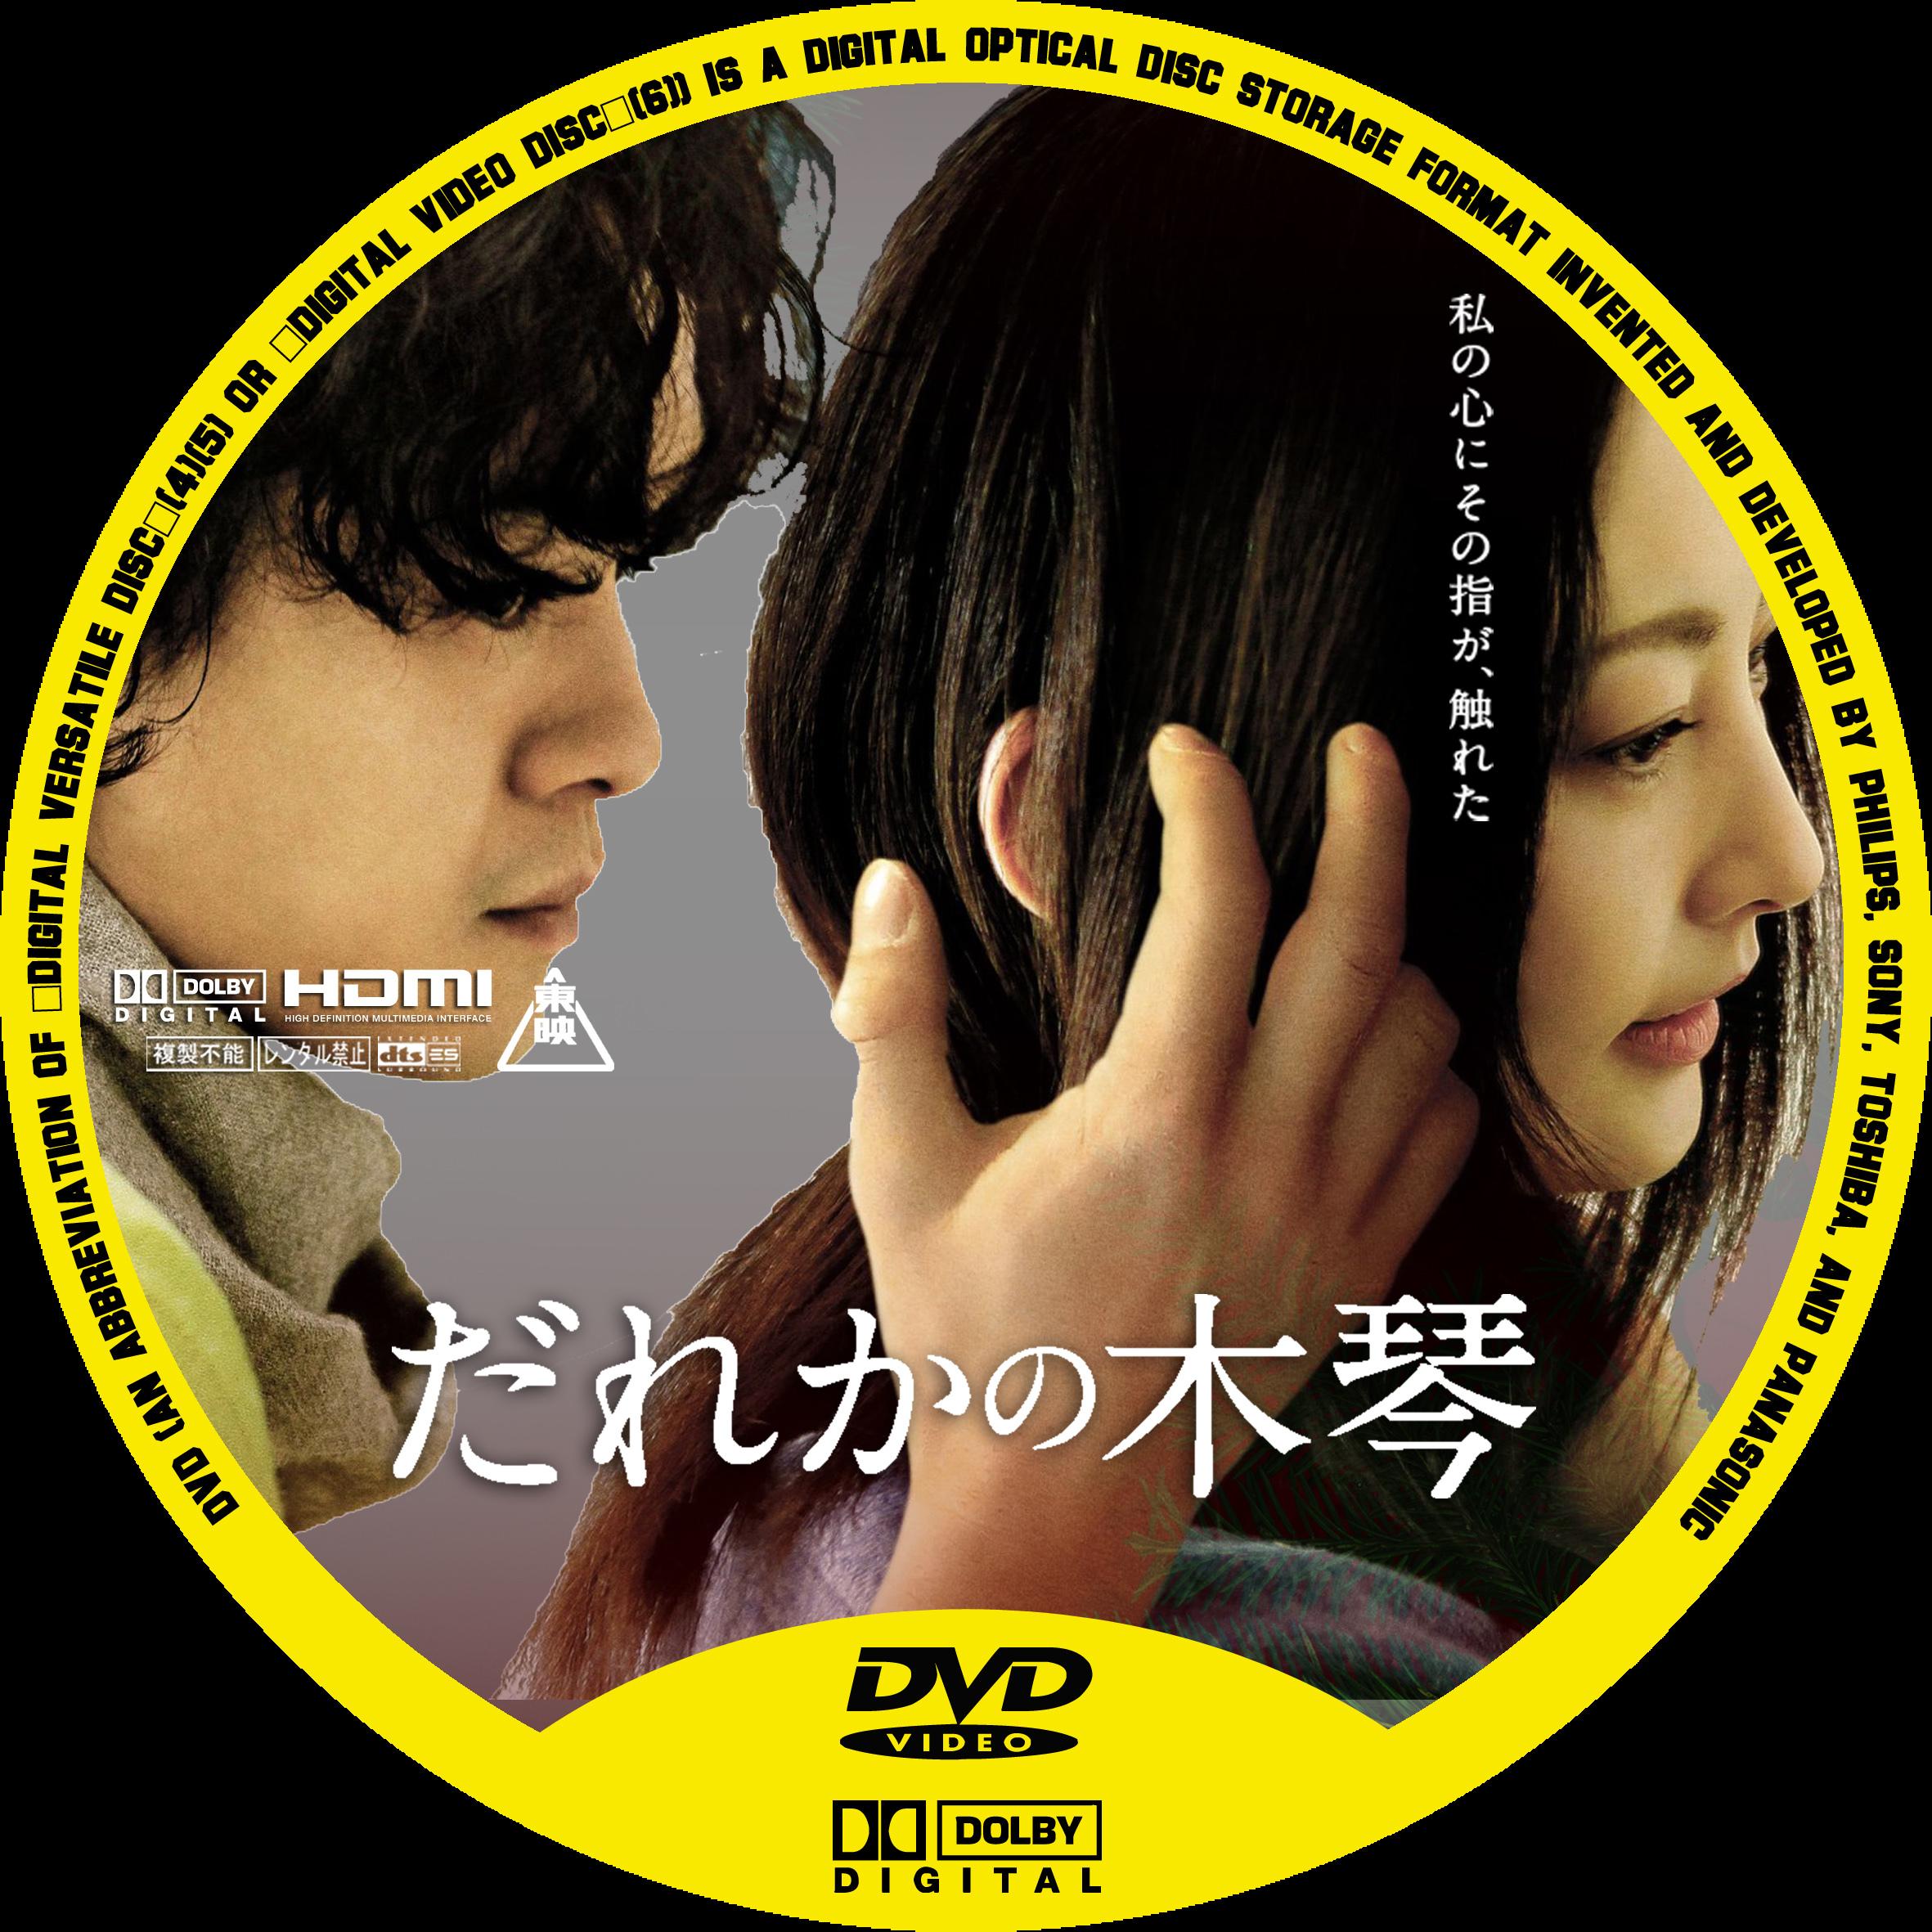 DVDラベル1